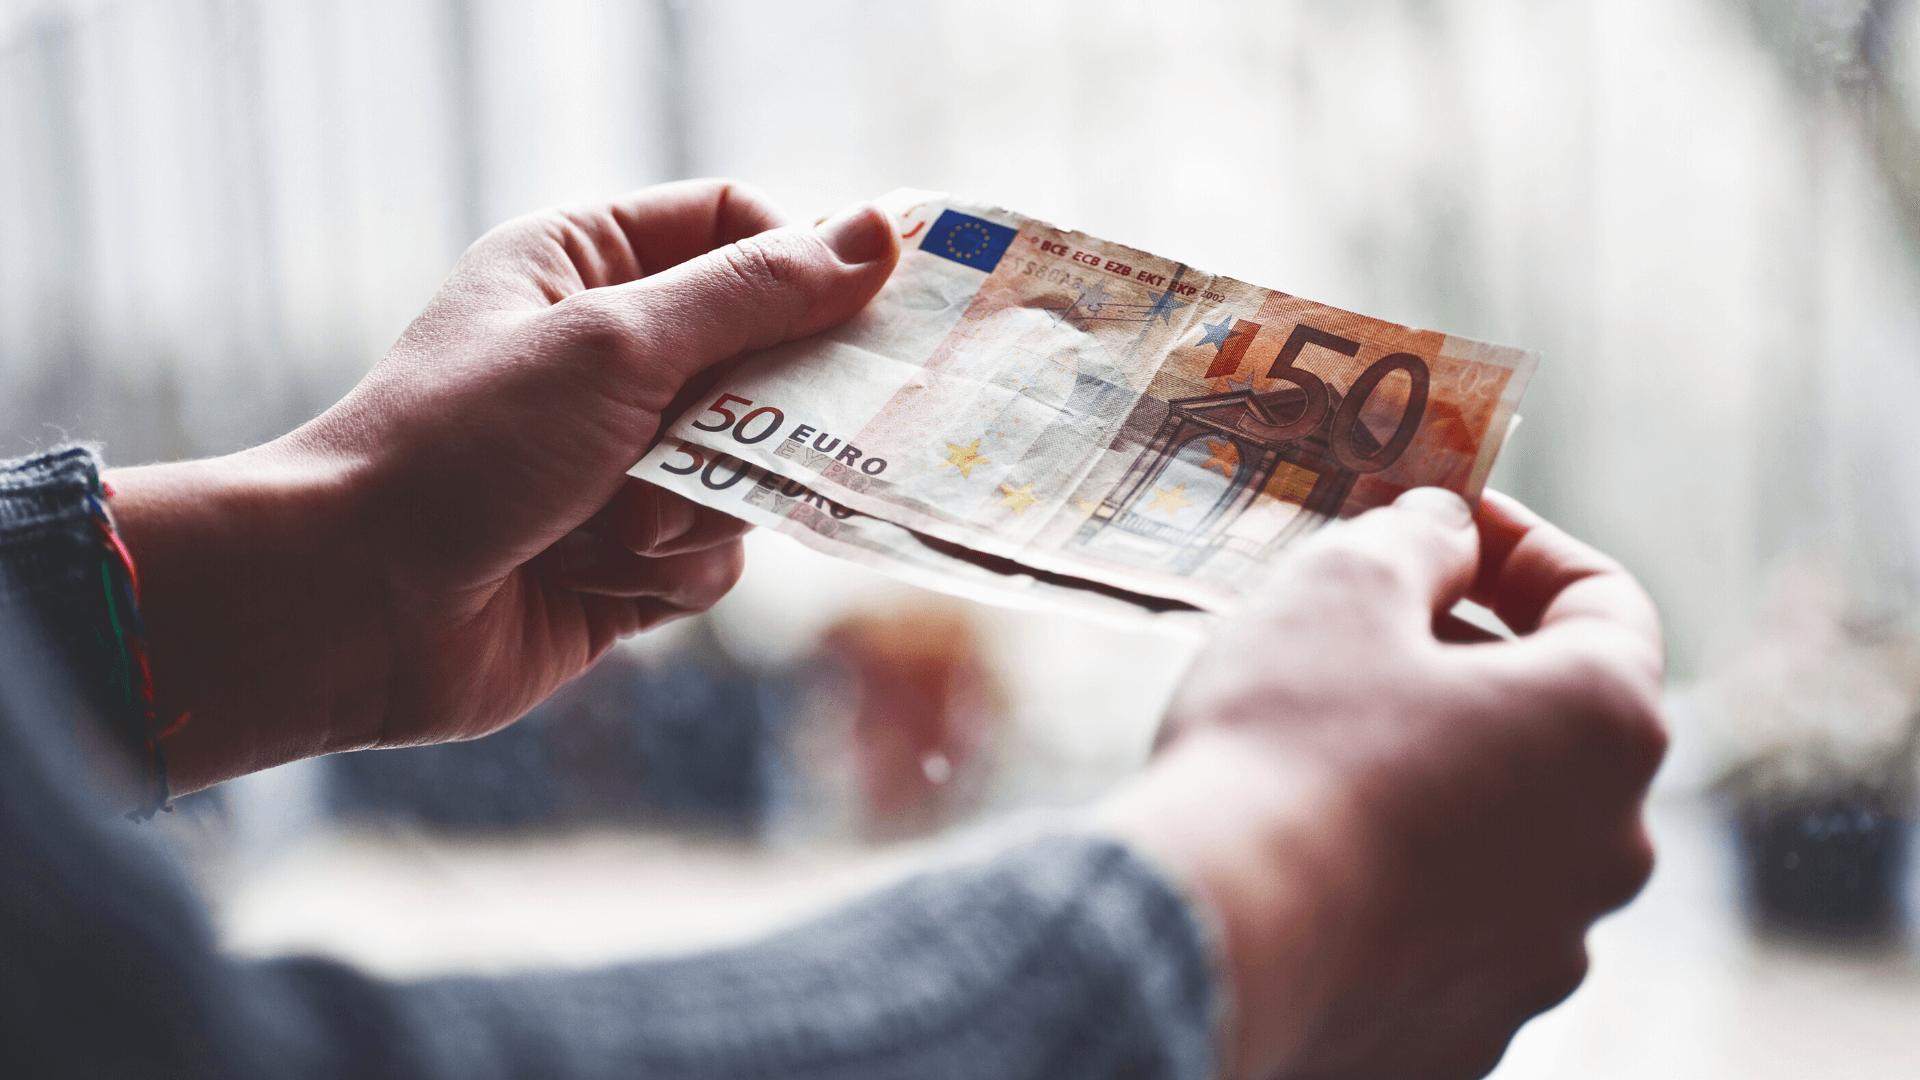 Überschuldung in Deutschland - Statistiken 2019 2020